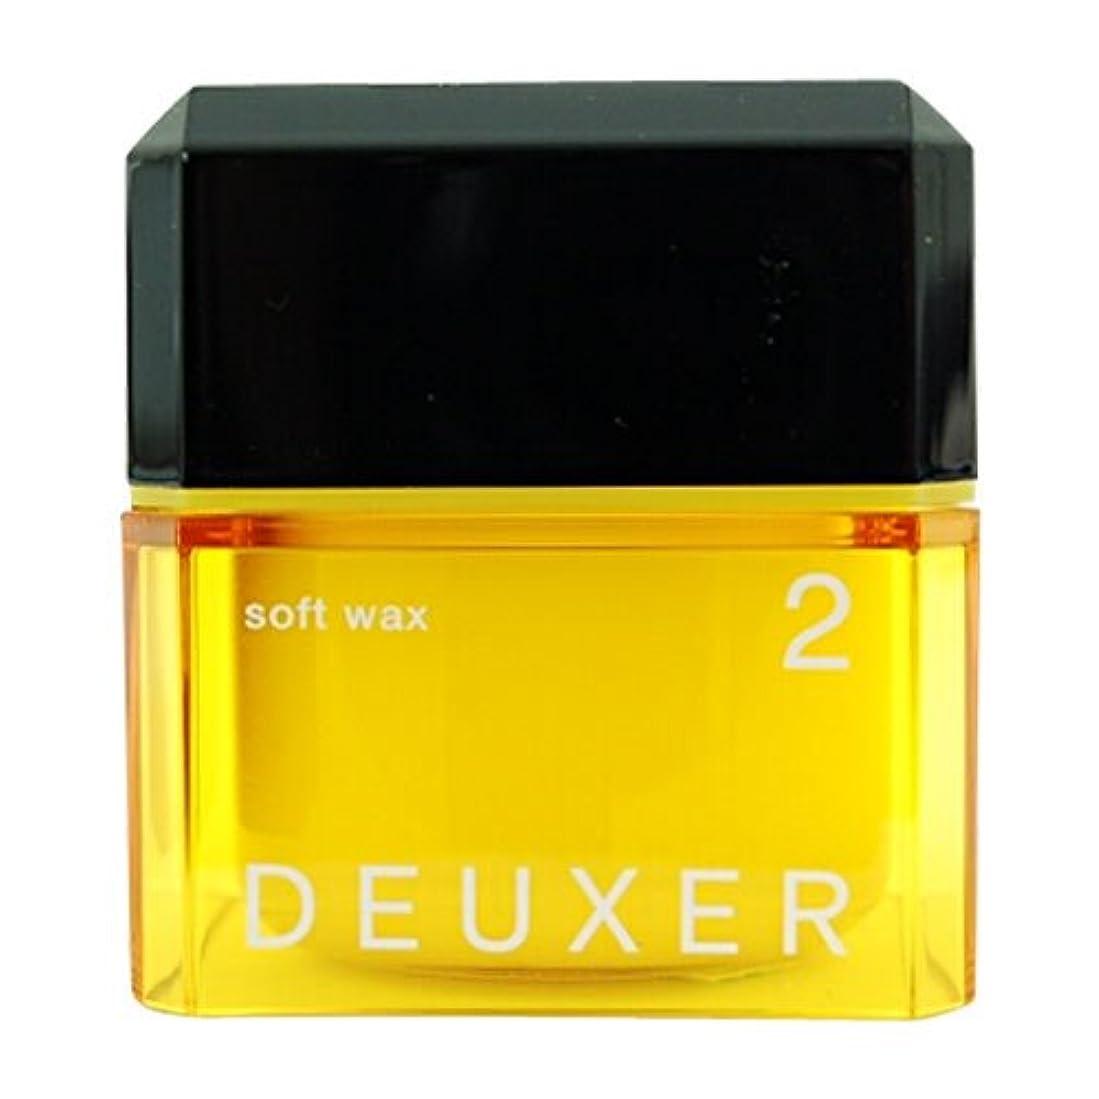 型統合する知覚ナンバースリー DEUXER(デューサー) ソフトワックス 2 80g